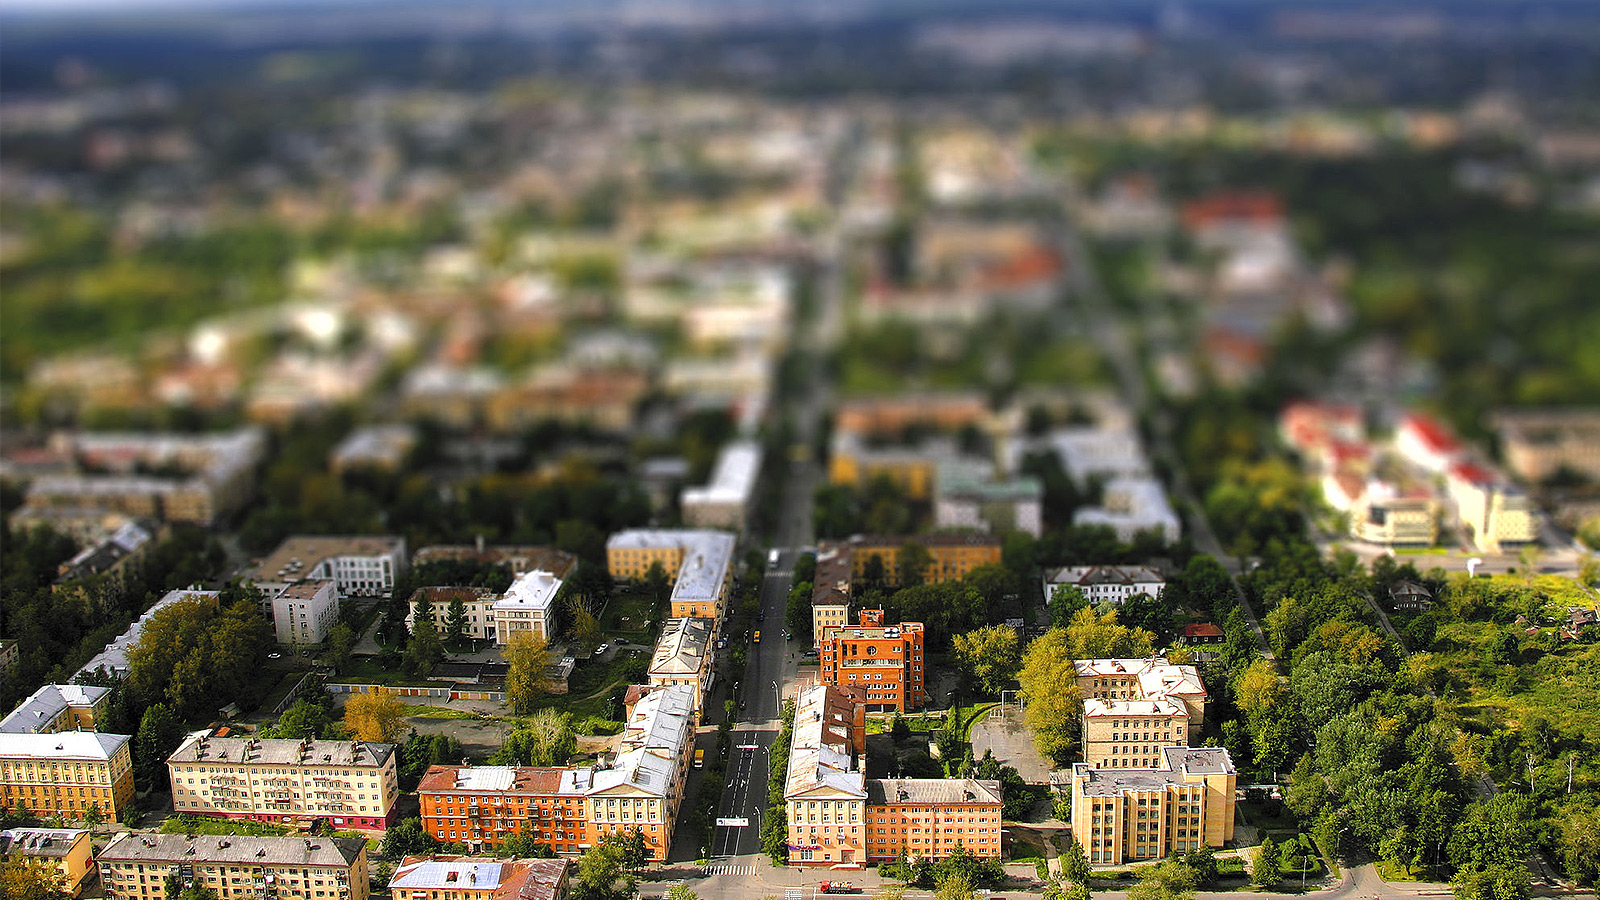 Какие инвестиционные проекты будут реализовываться в Петрозаводске в 2016-м году?